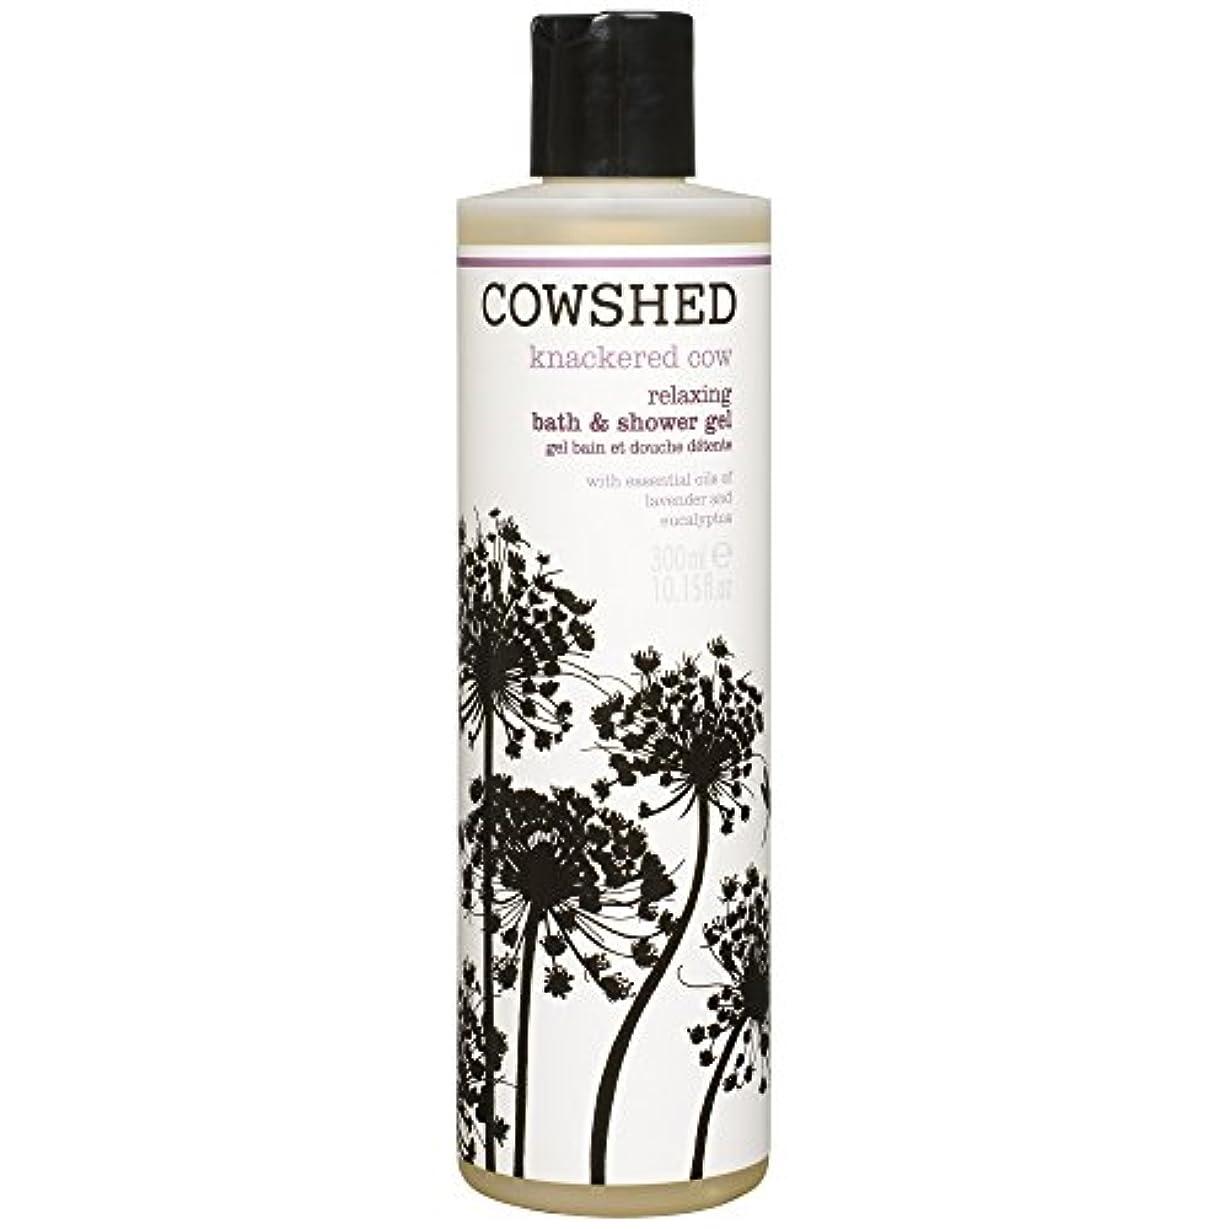 集中的な論争の的彼女牛舎は、バス&シャワージェル300ミリリットルを緩和牛をくたくたに疲れました (Cowshed) - Cowshed Knackered Cow Relaxing Bath & Shower Gel 300ml [並行輸入品]